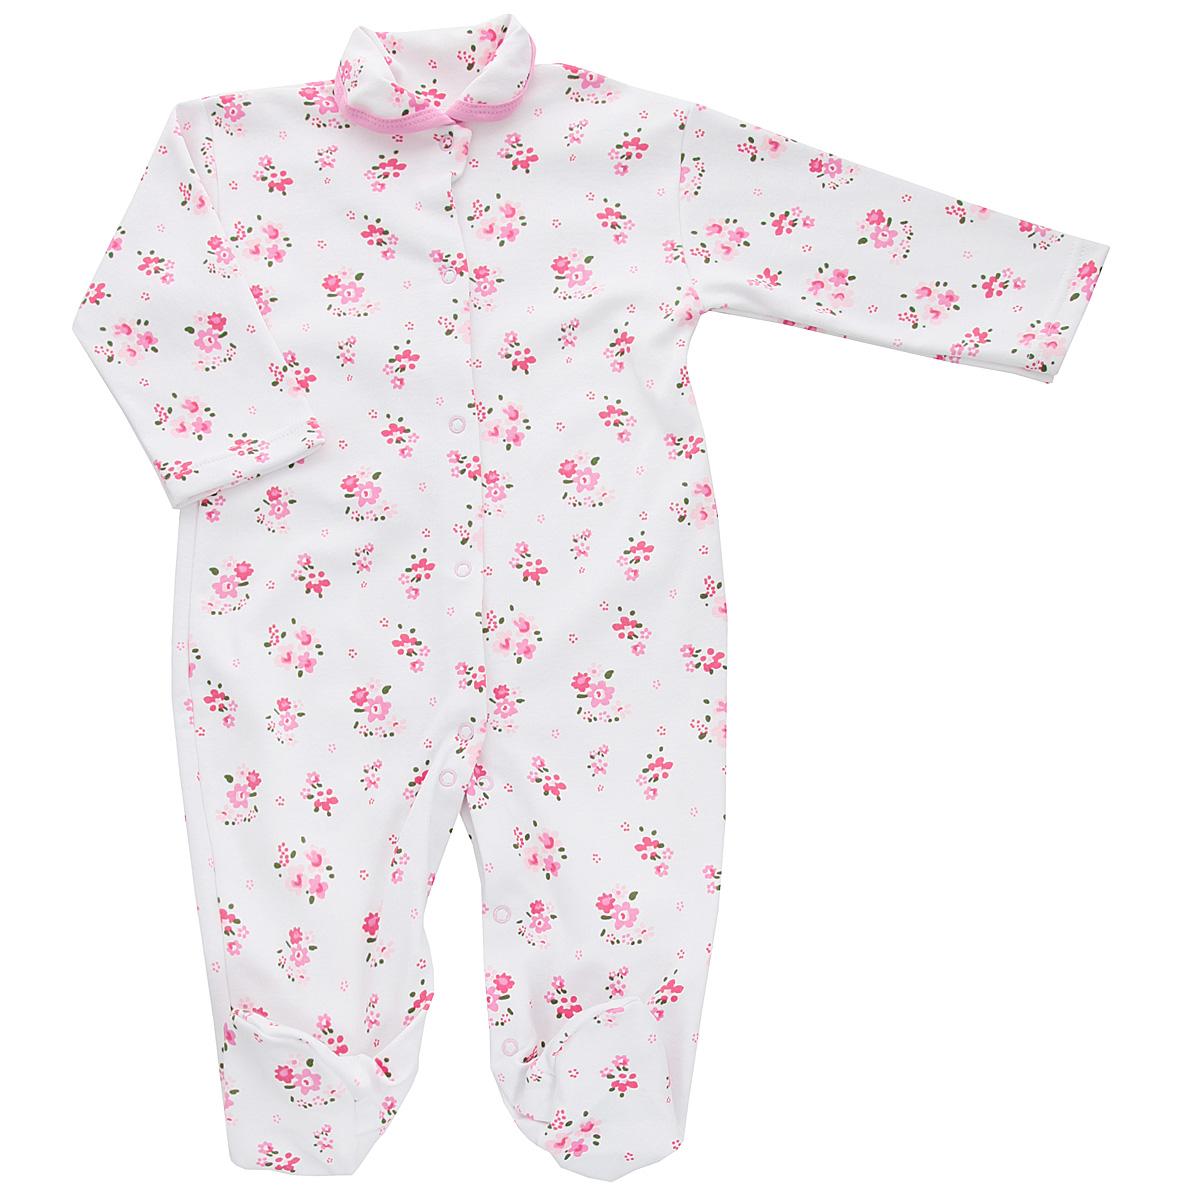 Комбинезон для девочки Трон-плюс, цвет: белый, розовый. 5815_цветы. Размер 62, 3 месяца5815_цветыКомбинезон для девочки Трон-Плюс - очень удобный и практичный вид одежды для малышей. Комбинезон выполнен из интерлока - натурального хлопка, благодаря чему он необычайно мягкий и приятный на ощупь, не раздражает нежную кожу ребенка, и хорошо вентилируются, а эластичные швы приятны телу малышки и не препятствуют ее движениям. Комбинезон с длинными рукавами, закрытыми ножками и отложным воротничком имеет застежки-кнопки от горловины до щиколоток, которые помогают легко переодеть младенца или сменить подгузник. Воротник по краю дополнен контрастной бейкой. Оформлено изделие ненавязчивым цветочным принтом. С детским комбинезоном спинка и ножки вашей малышки всегда будут в тепле, он идеален для использования днем и незаменим ночью. Комбинезон полностью соответствует особенностям жизни младенца в ранний период, не стесняя и не ограничивая его в движениях!